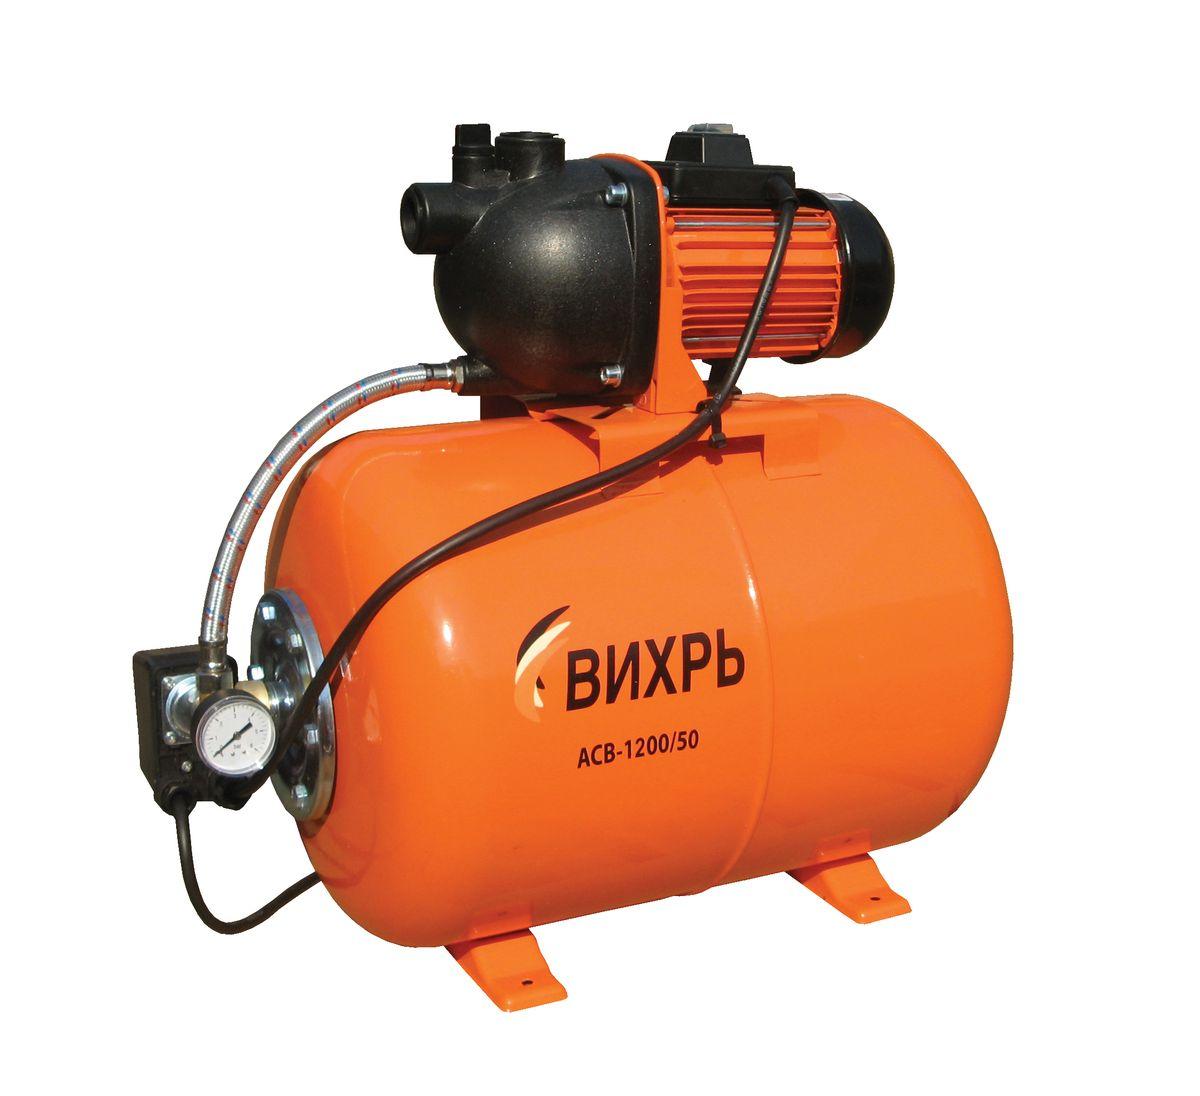 Насосная станция Вихрь АСВ-1200/5068/1/4Насосная станция Вихрь АСВ-1200/50 предназначена для бесперебойного водоснабжения в автоматическом режиме, коттеджей, дач, ферм и других потребителей. При этом она автоматически поддерживает необходимое давление в системе водоснабжения, самостоятельно включаясь и отключаясь по мере расходования воды потребителями.Встроенный датчик давления обеспечивает автоматическое включение насоса в случае необходимости. Гидроаккумулятор служит для аккумулирования воды под давлением и сглаживания гидроударов. Он состоит из стального резервуара со сменной мембраной из пищевой резины и имеет пневмоклапан для закачивания сжатого воздуха.Насос со встроенным эжектором, сочетает преимущества центробежных с практичностью самовсасывающих насосов. Встроенный внутренний эжектор с системой труб Вентури обеспечивает хорошие условия всасывания на входе в насос и позволяет создать высокое давление на выходе. Они позволяют перекачивать воду с меньшими, по сравнению с обычными центробежными насосами, требованиями к чистоте и наличию растворенных газов. Рабочее колесо и проточный блок направляющий аппарат - трубка Вентури - сопло выполнены из износостойких пластических материалов.Насосная станция не может использоваться на открытом воздухе при температуре окружающей среды ниже +1°С. Запрещается перекачивание горячей (выше +50°С) воды.